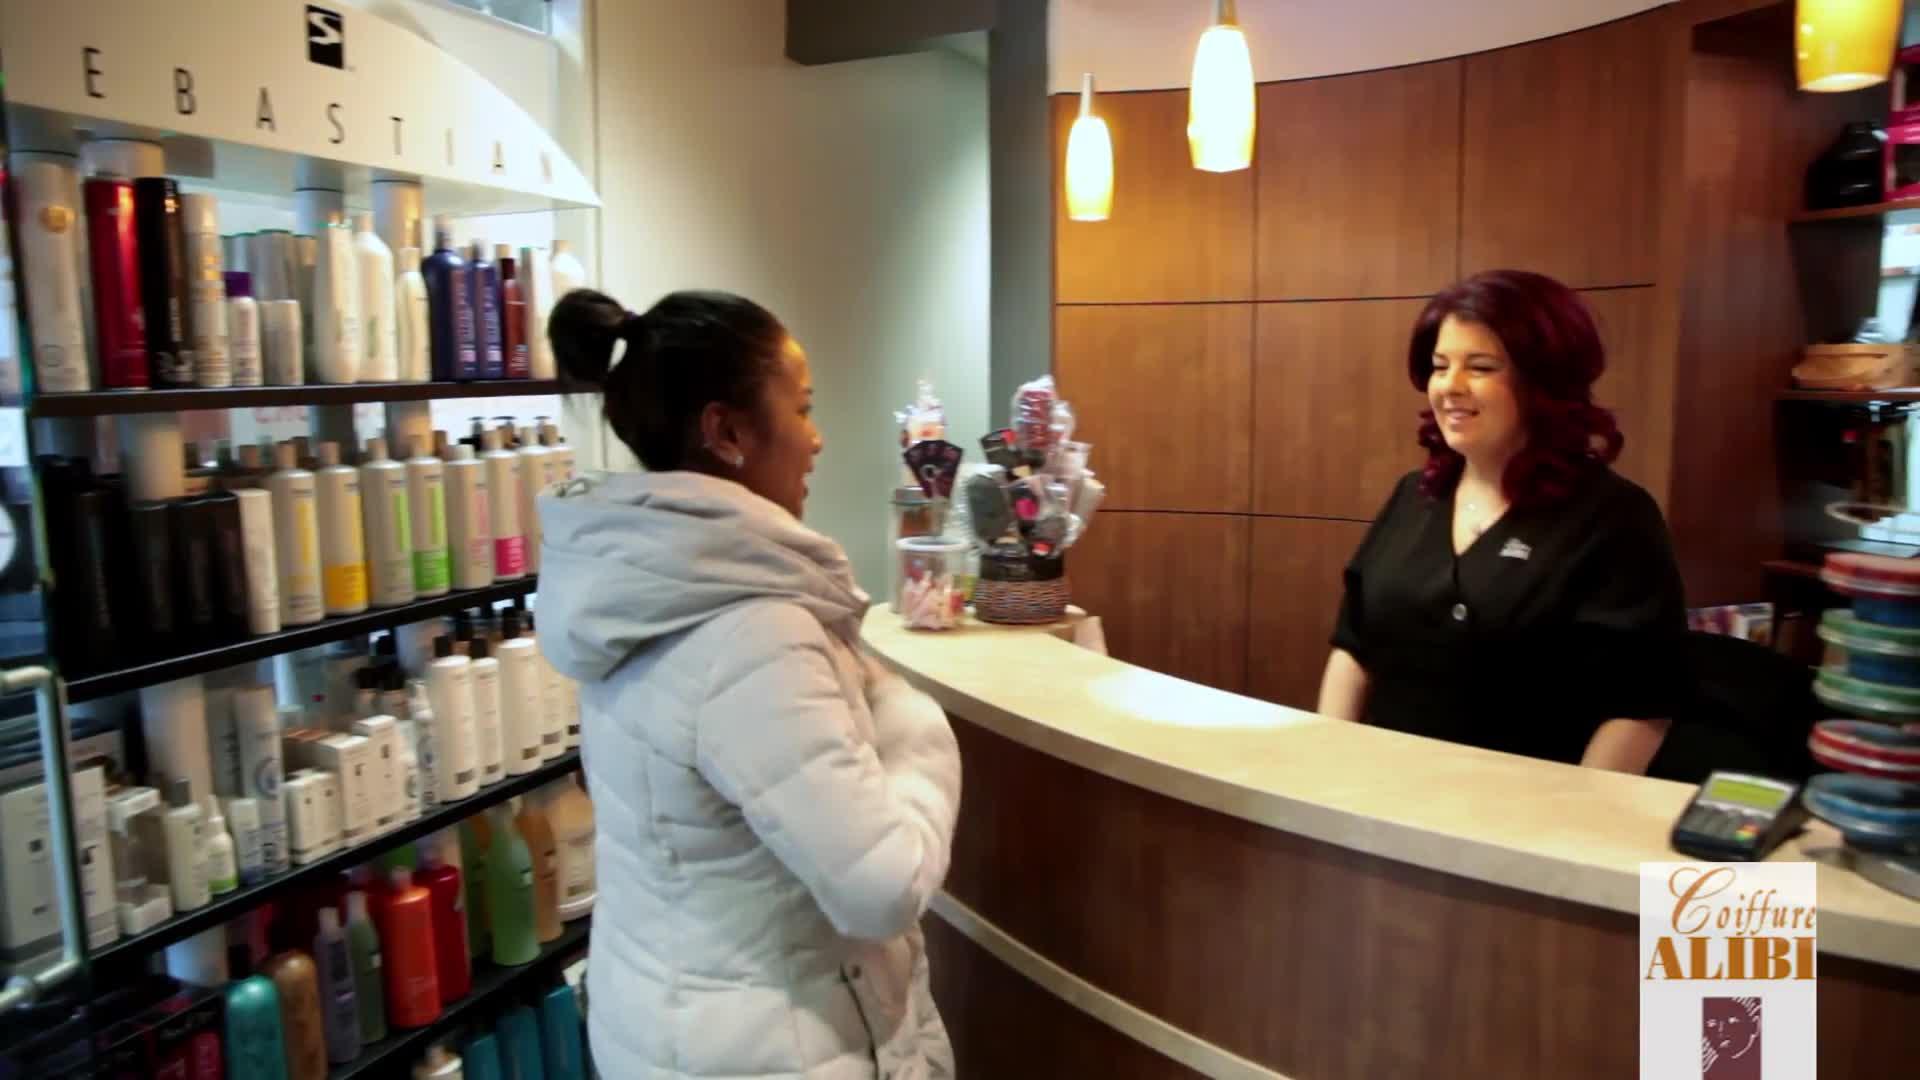 Alibi Coiffure - Salons de coiffure et de beauté - 418-623-2929